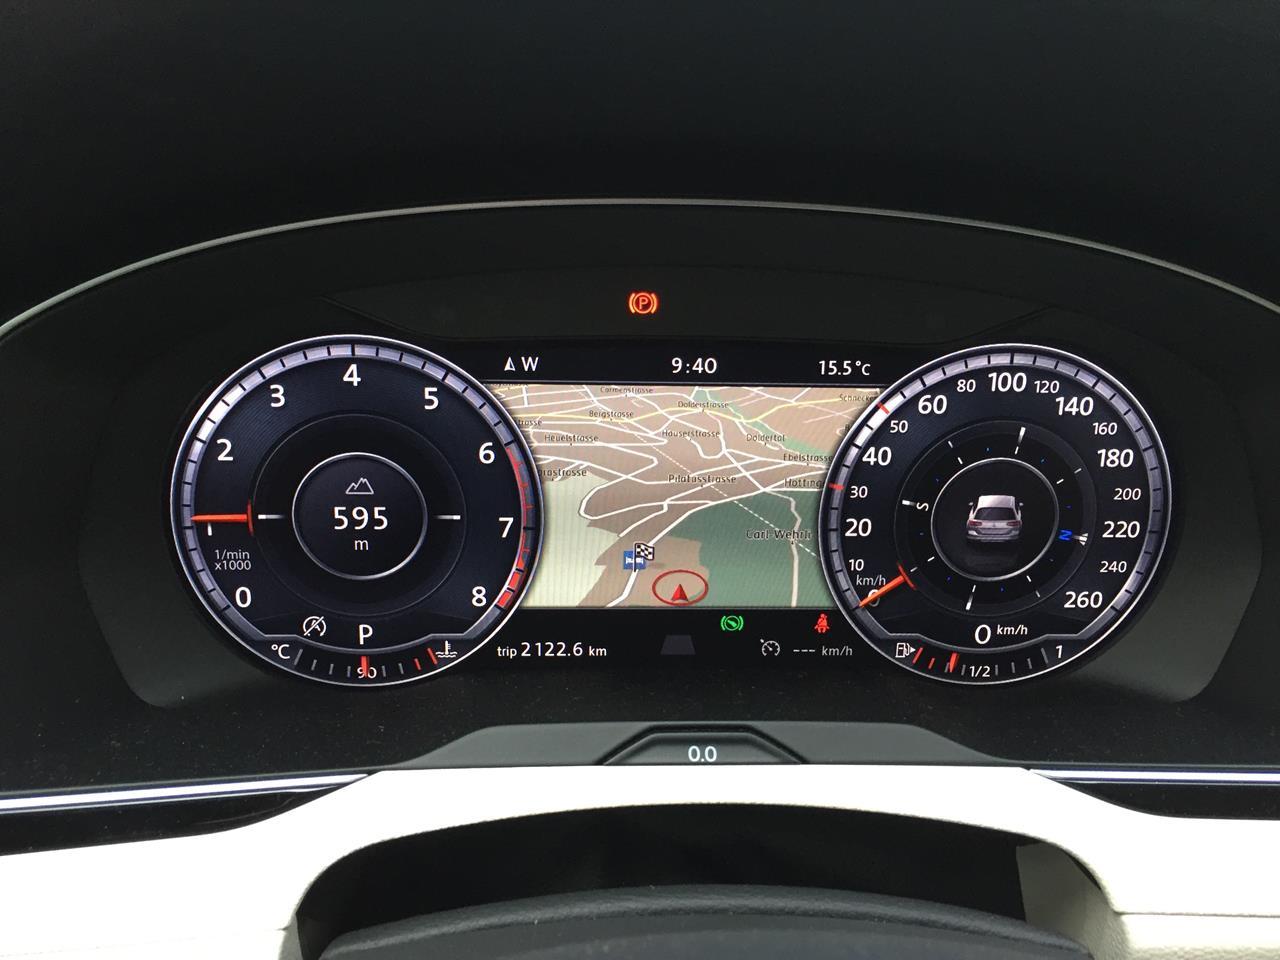 Volkswagen Passat photo 169915